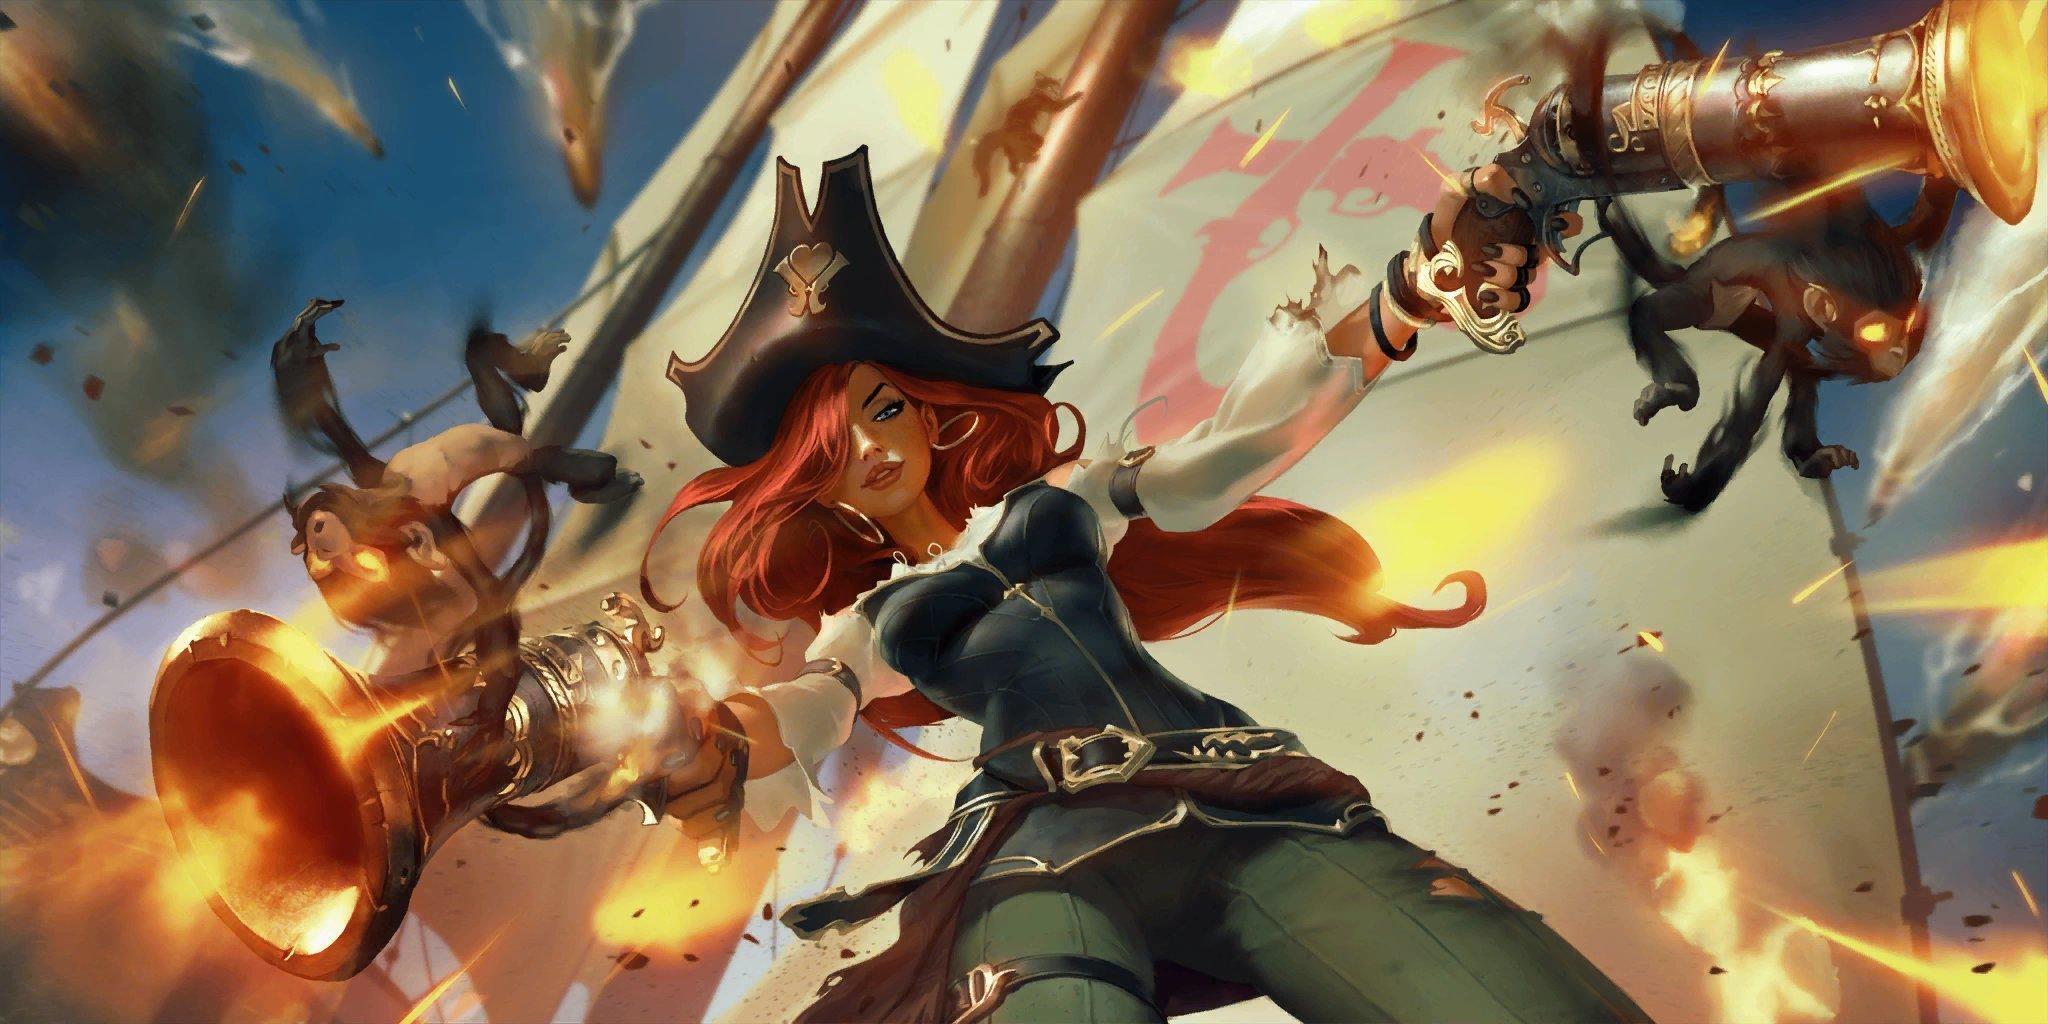 «Legends of Runeterra» de Riot Games est enfin disponible sur iOS et Android dans le monde entier – TouchArcade